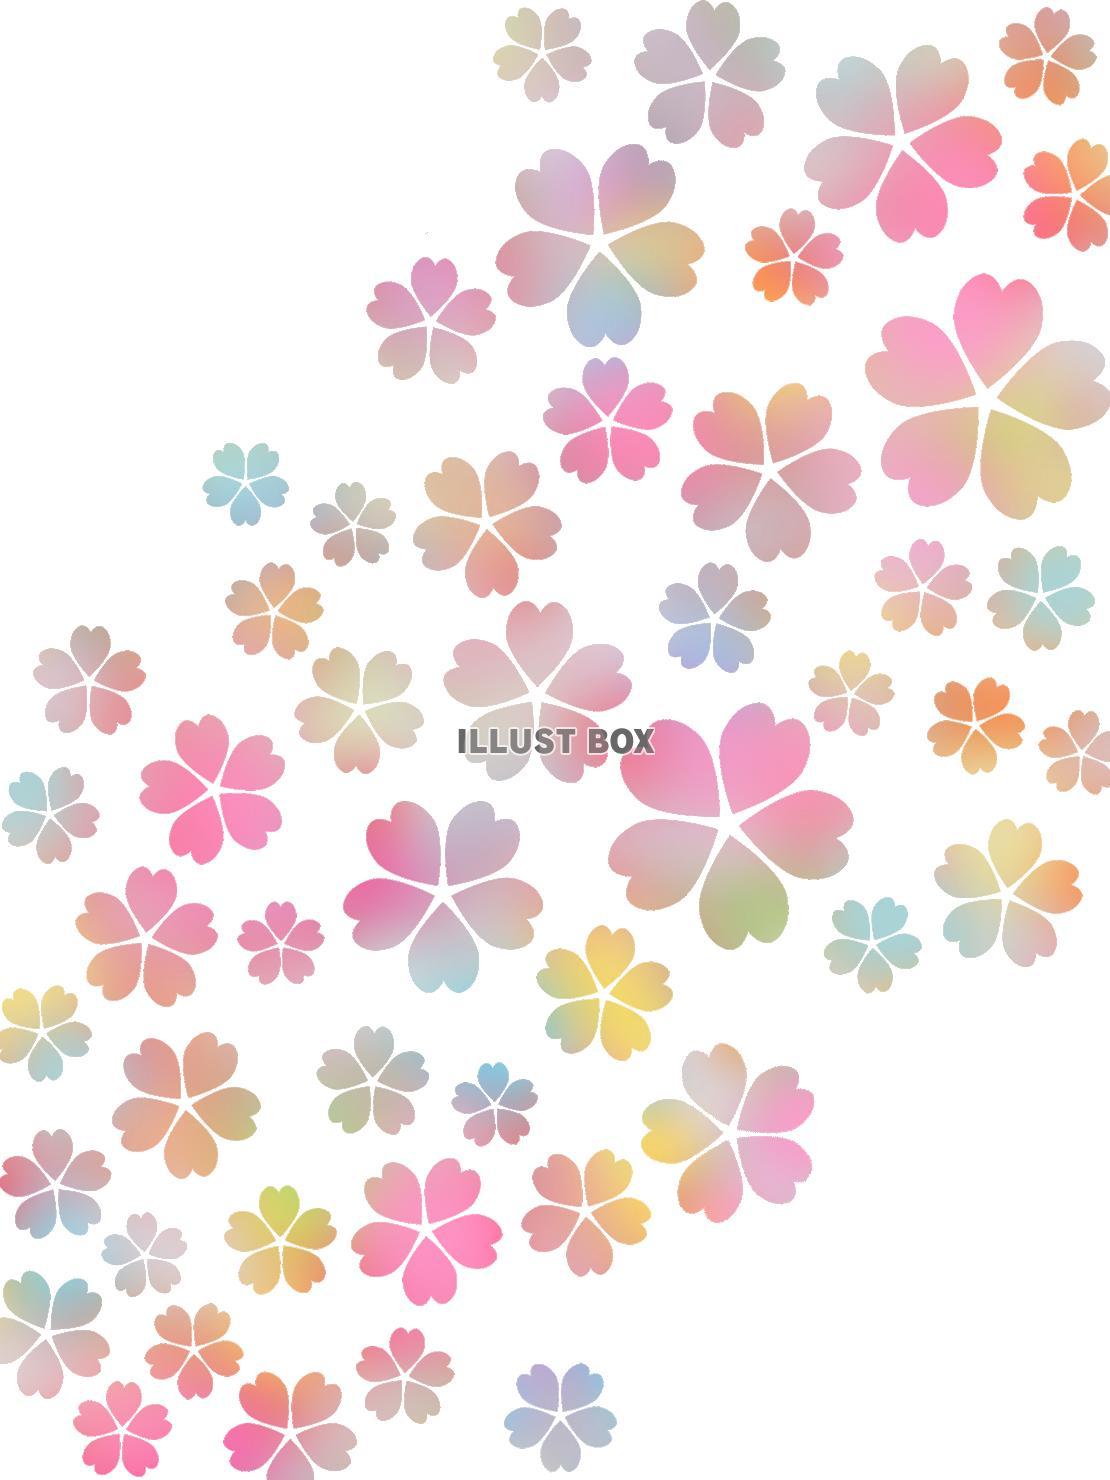 無料イラスト 桜の花模様壁紙カラフル背景素材イラスト 透過png